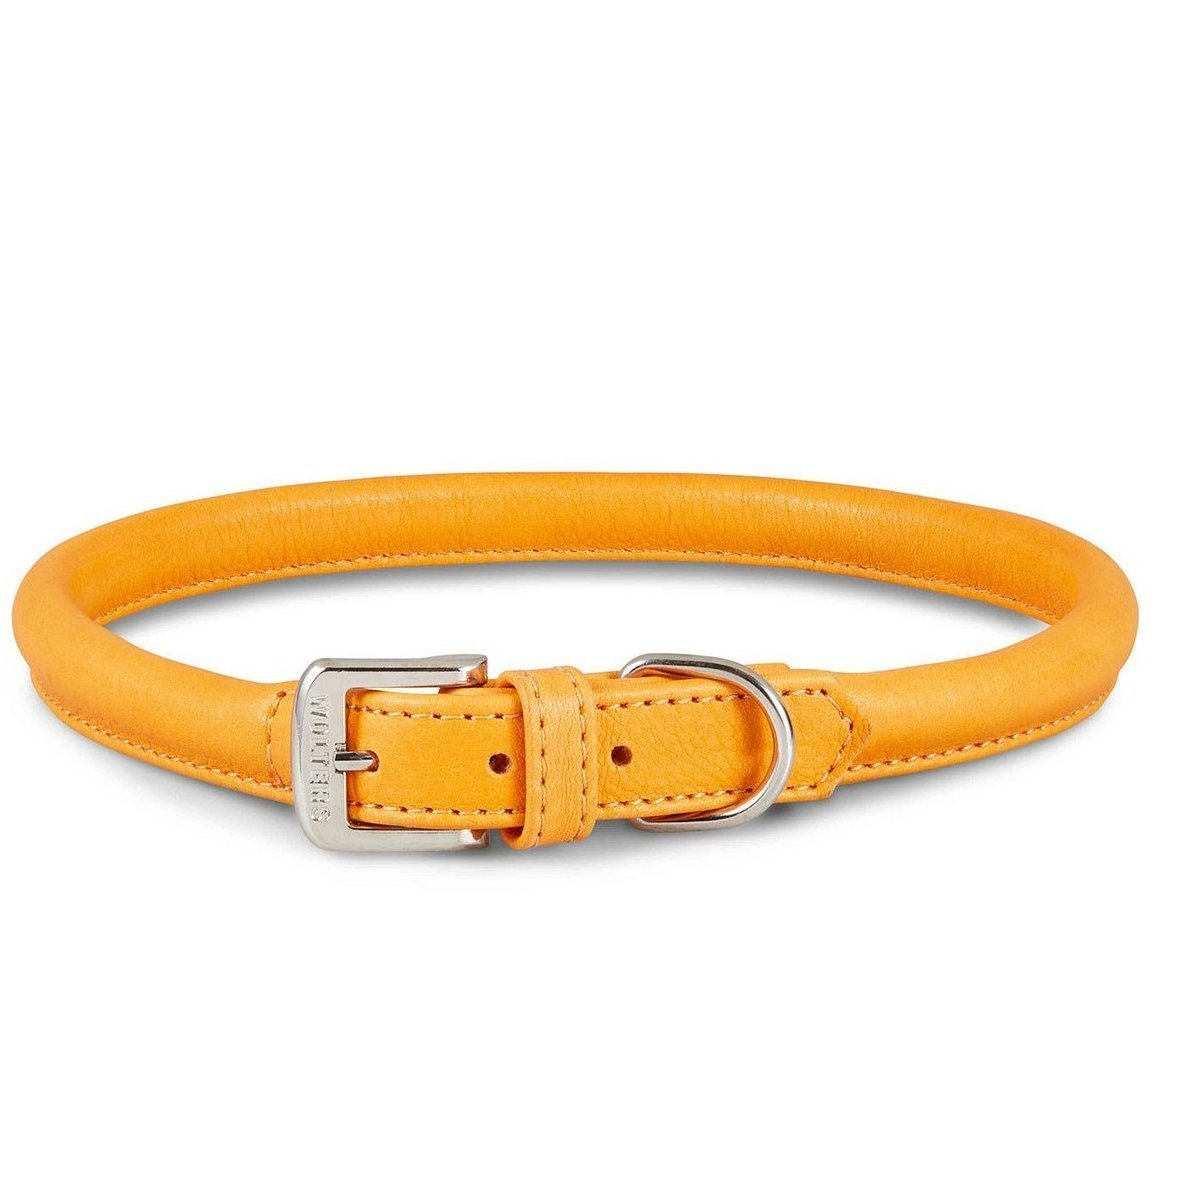 Wolters Halsband Terravita Leder rund, Bild 5